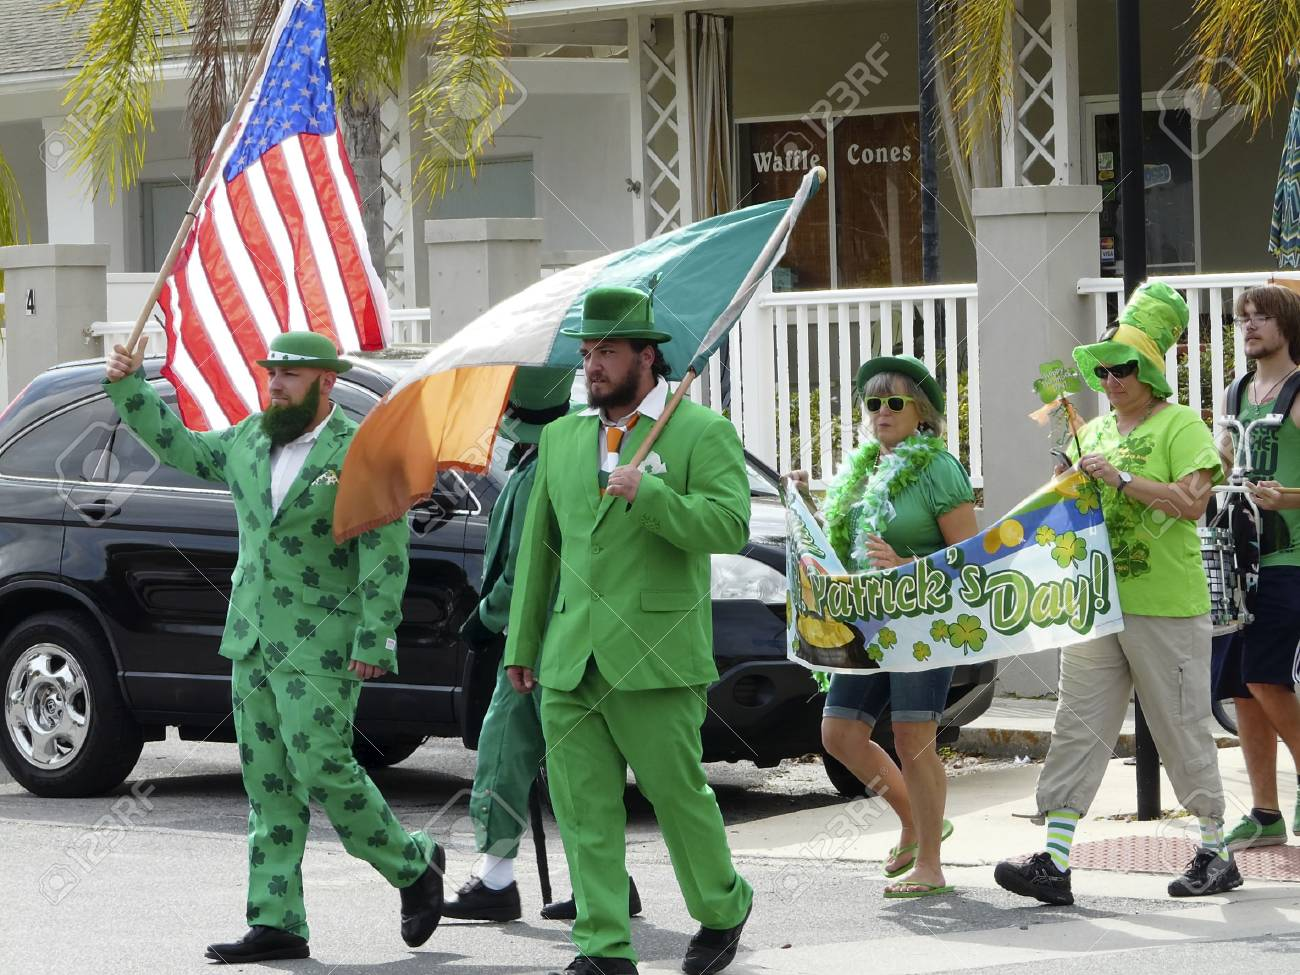 Los Manifestantes Vestidos De Verde Y Tréboles Llevan Banderas Y Una Bandera En Un Desfile Para Celebrar El Día De San Patricio En Crystal River